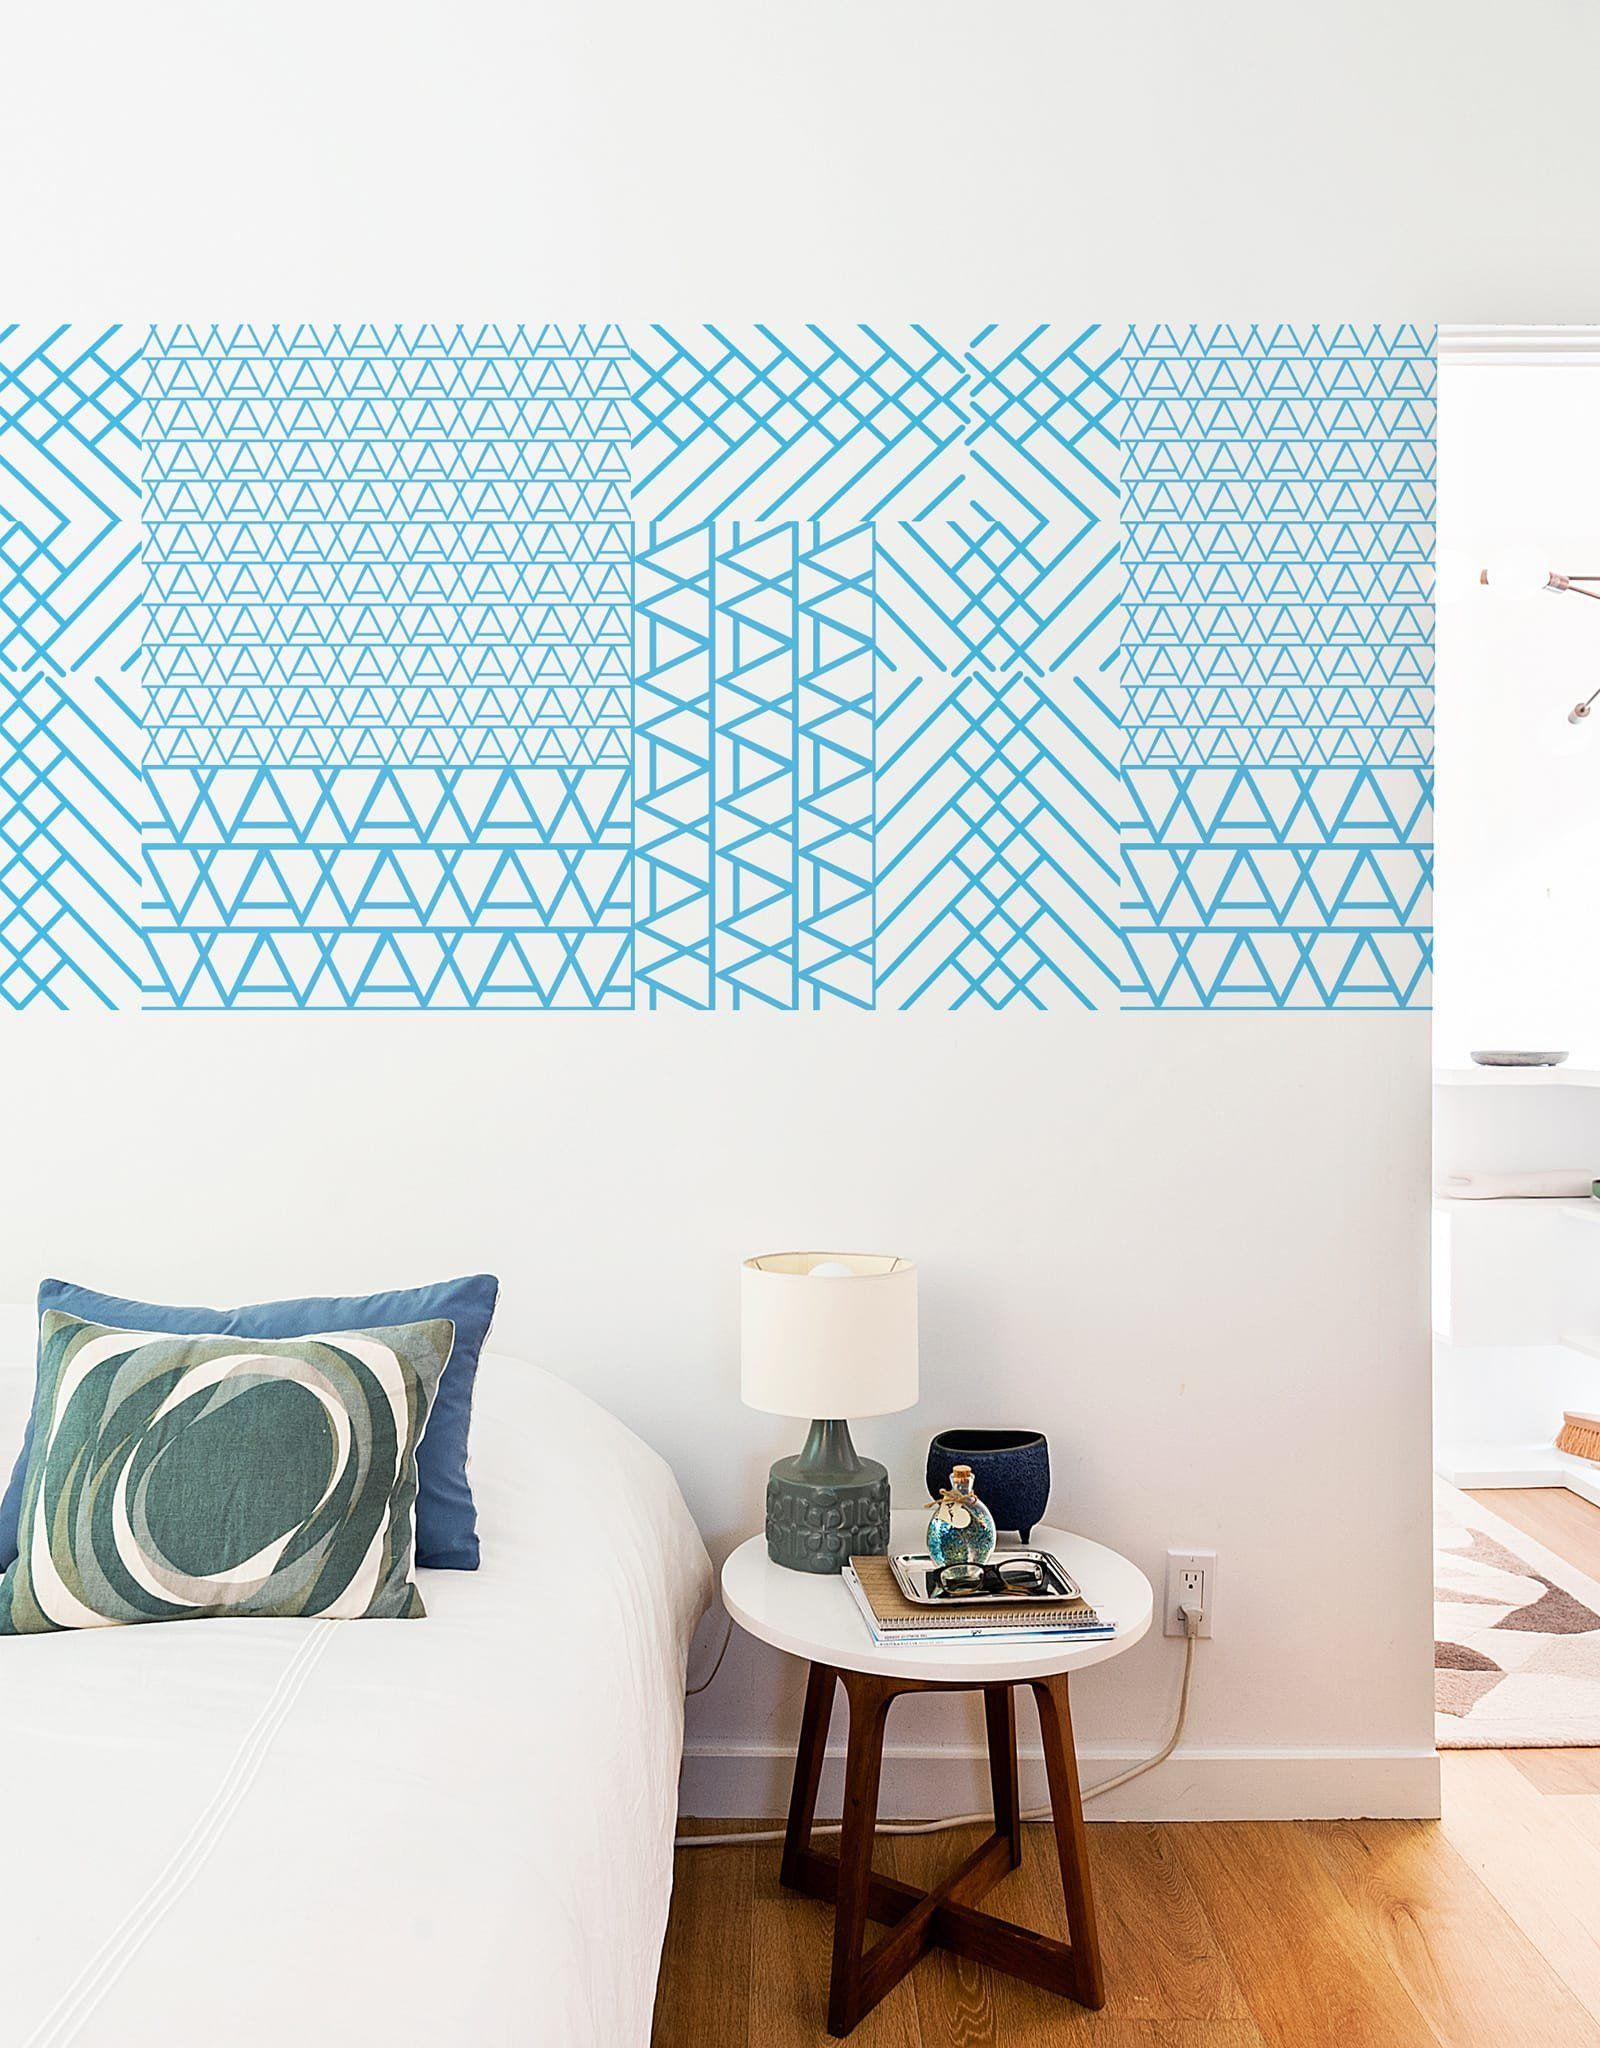 Blue Cross Mountain Pattern Wall Tiles | Pinterest | Patterned wall ...